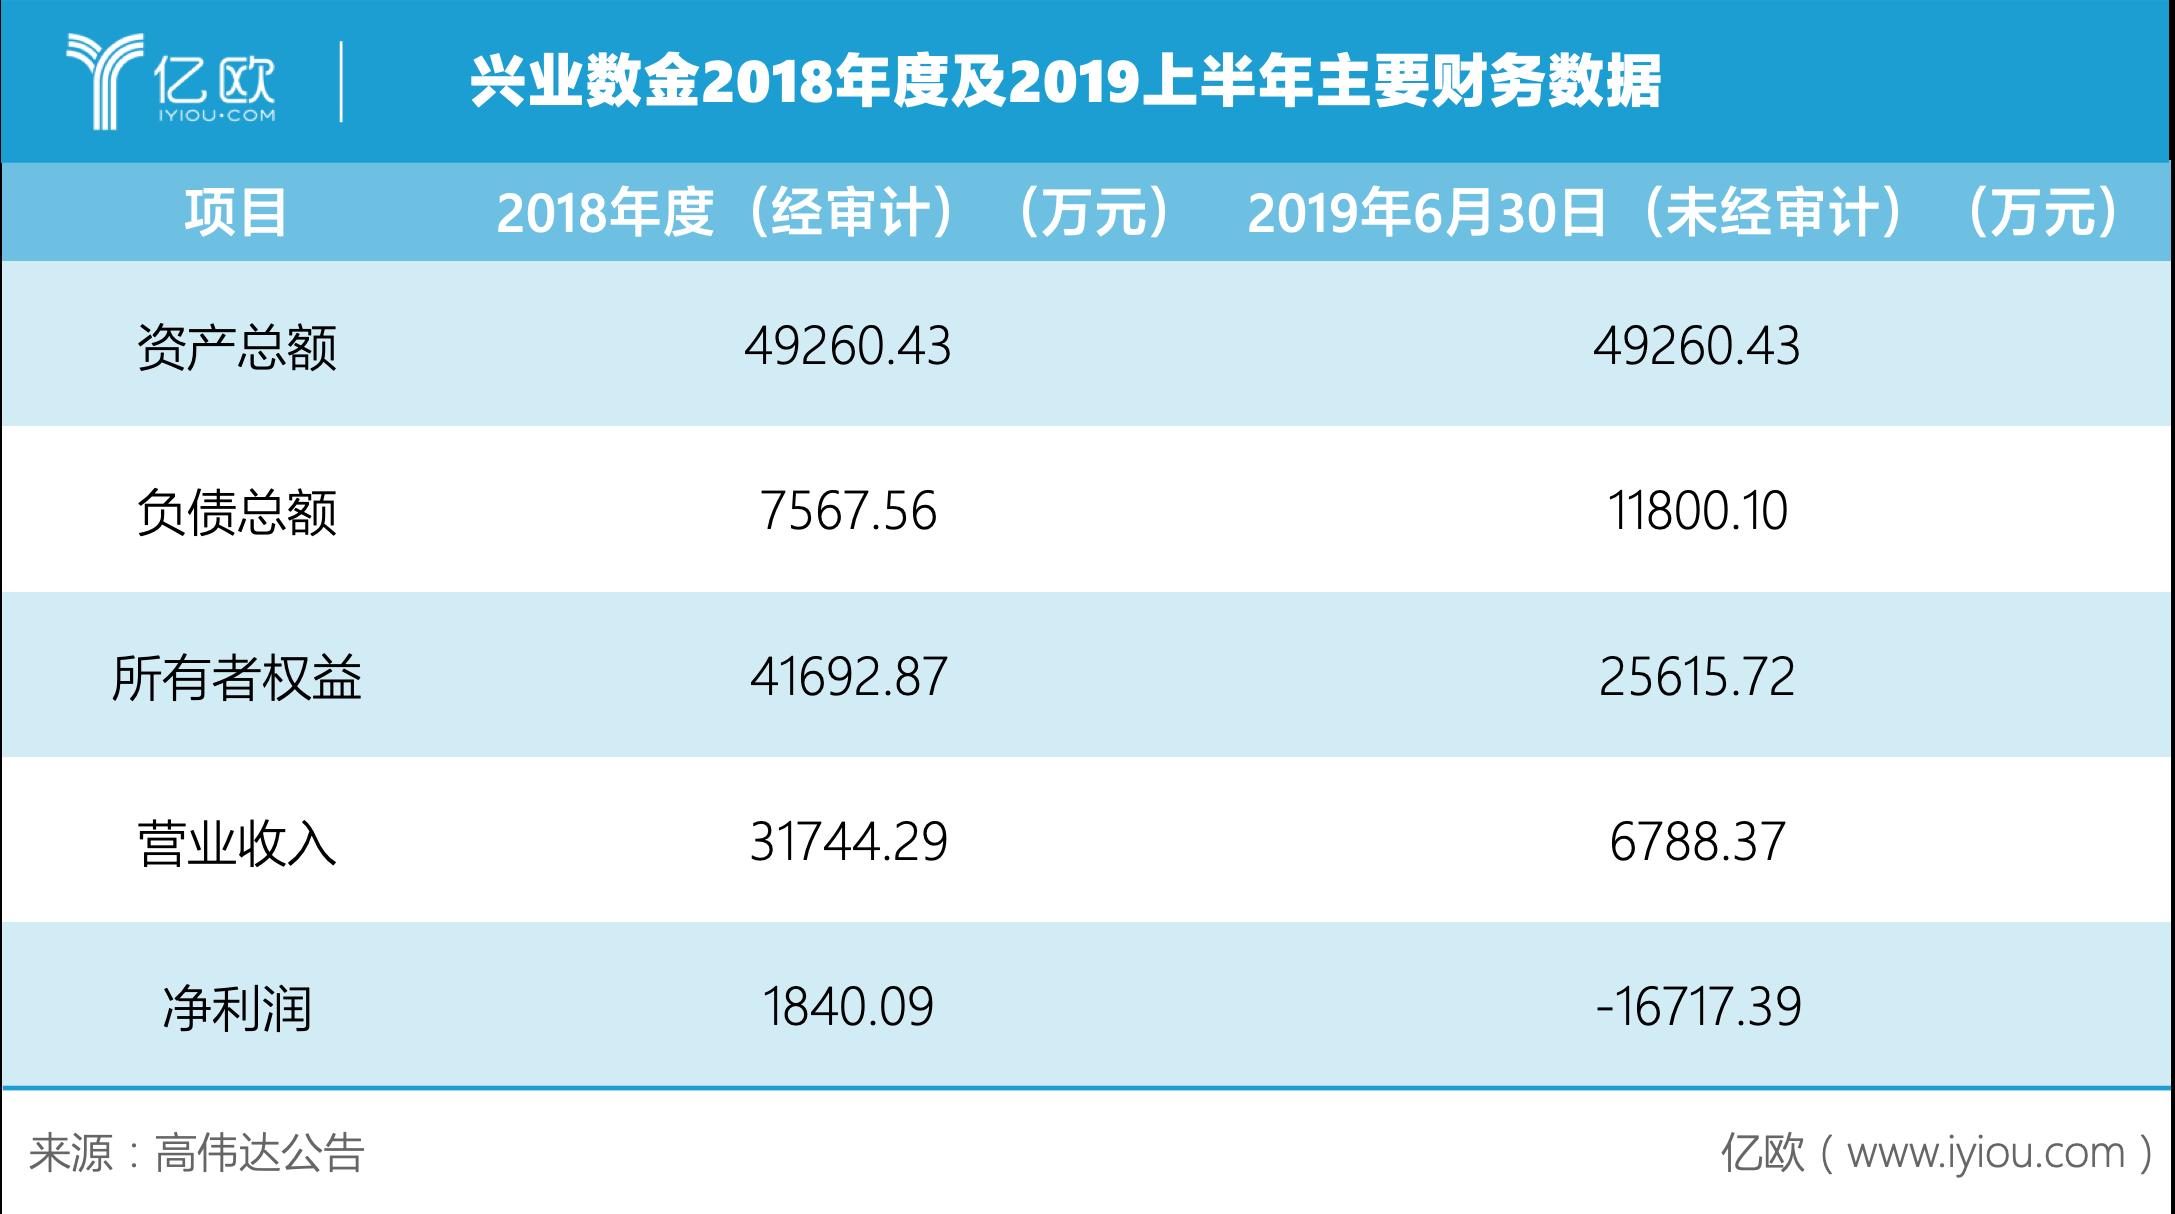 首发丨兴业数金2019上半年亏损超1.5亿,银行金融科技子公司会好吗?